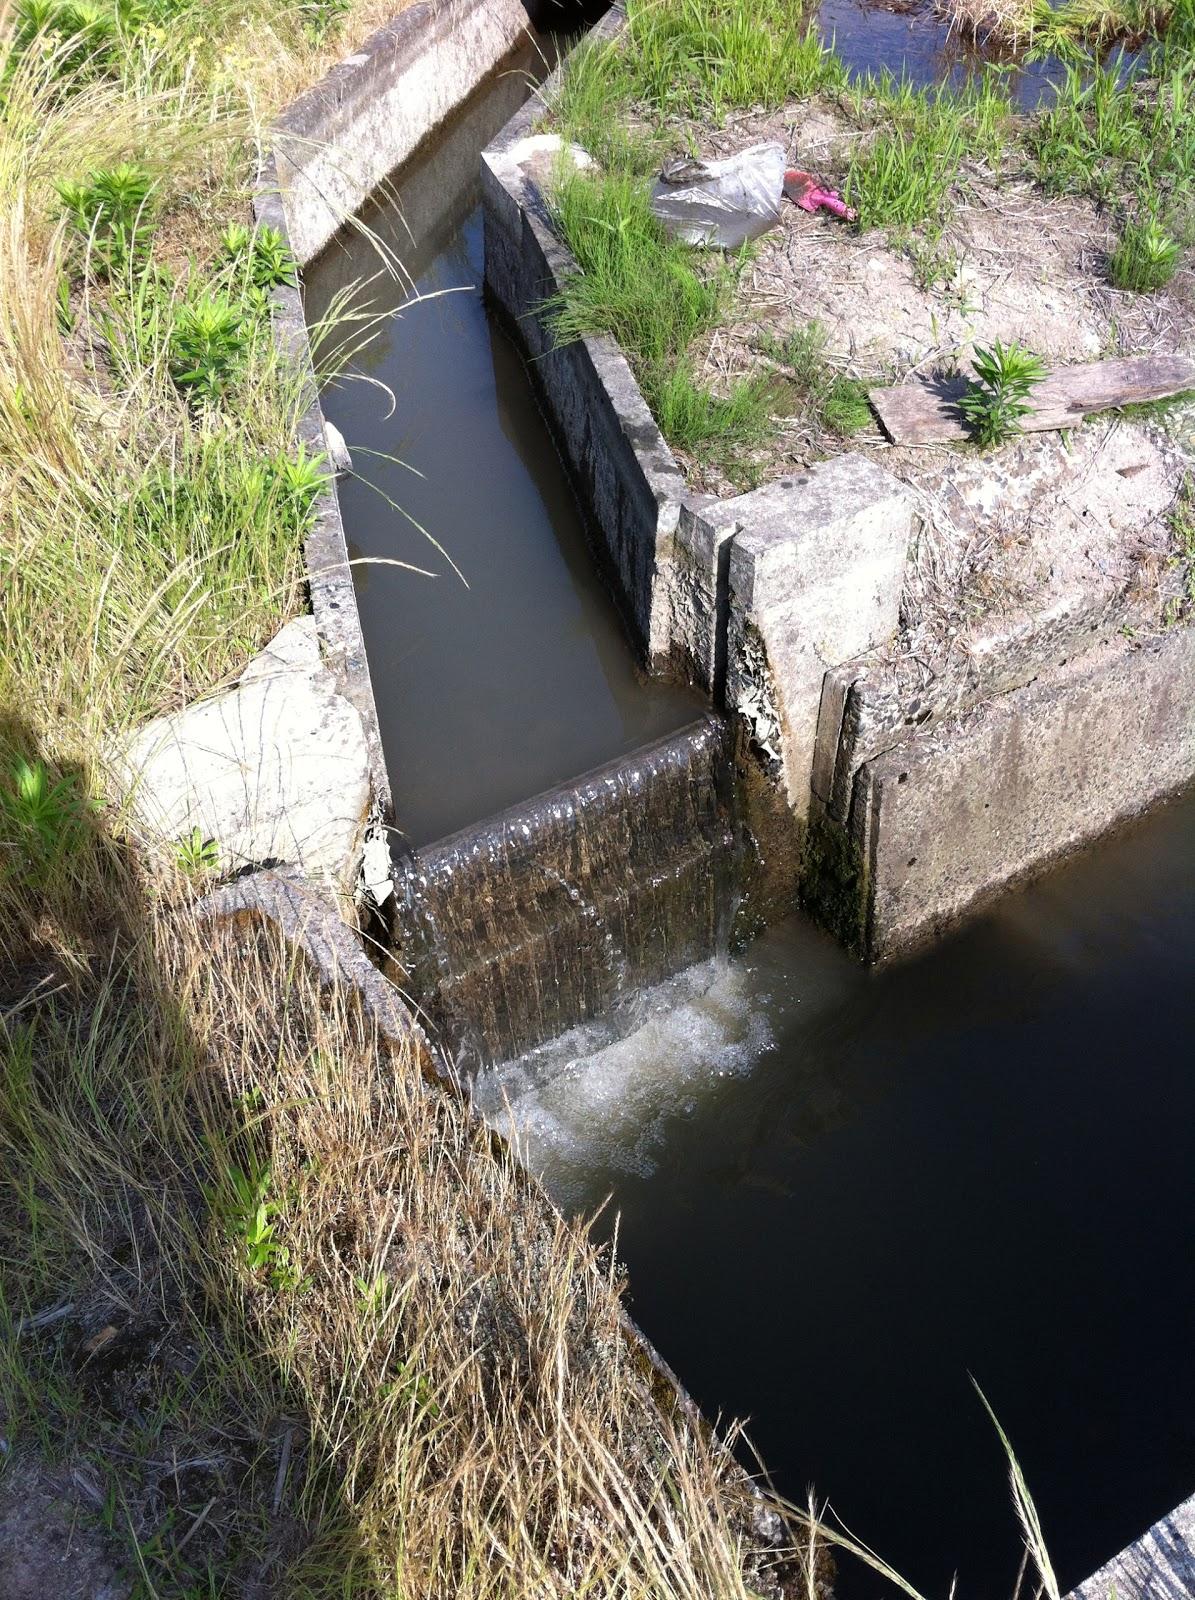 あがの市民放射線測定室(あがのラボ)かんがい用水路の堆積泥調査サンプリング地点と測定法測定結果他県の状況